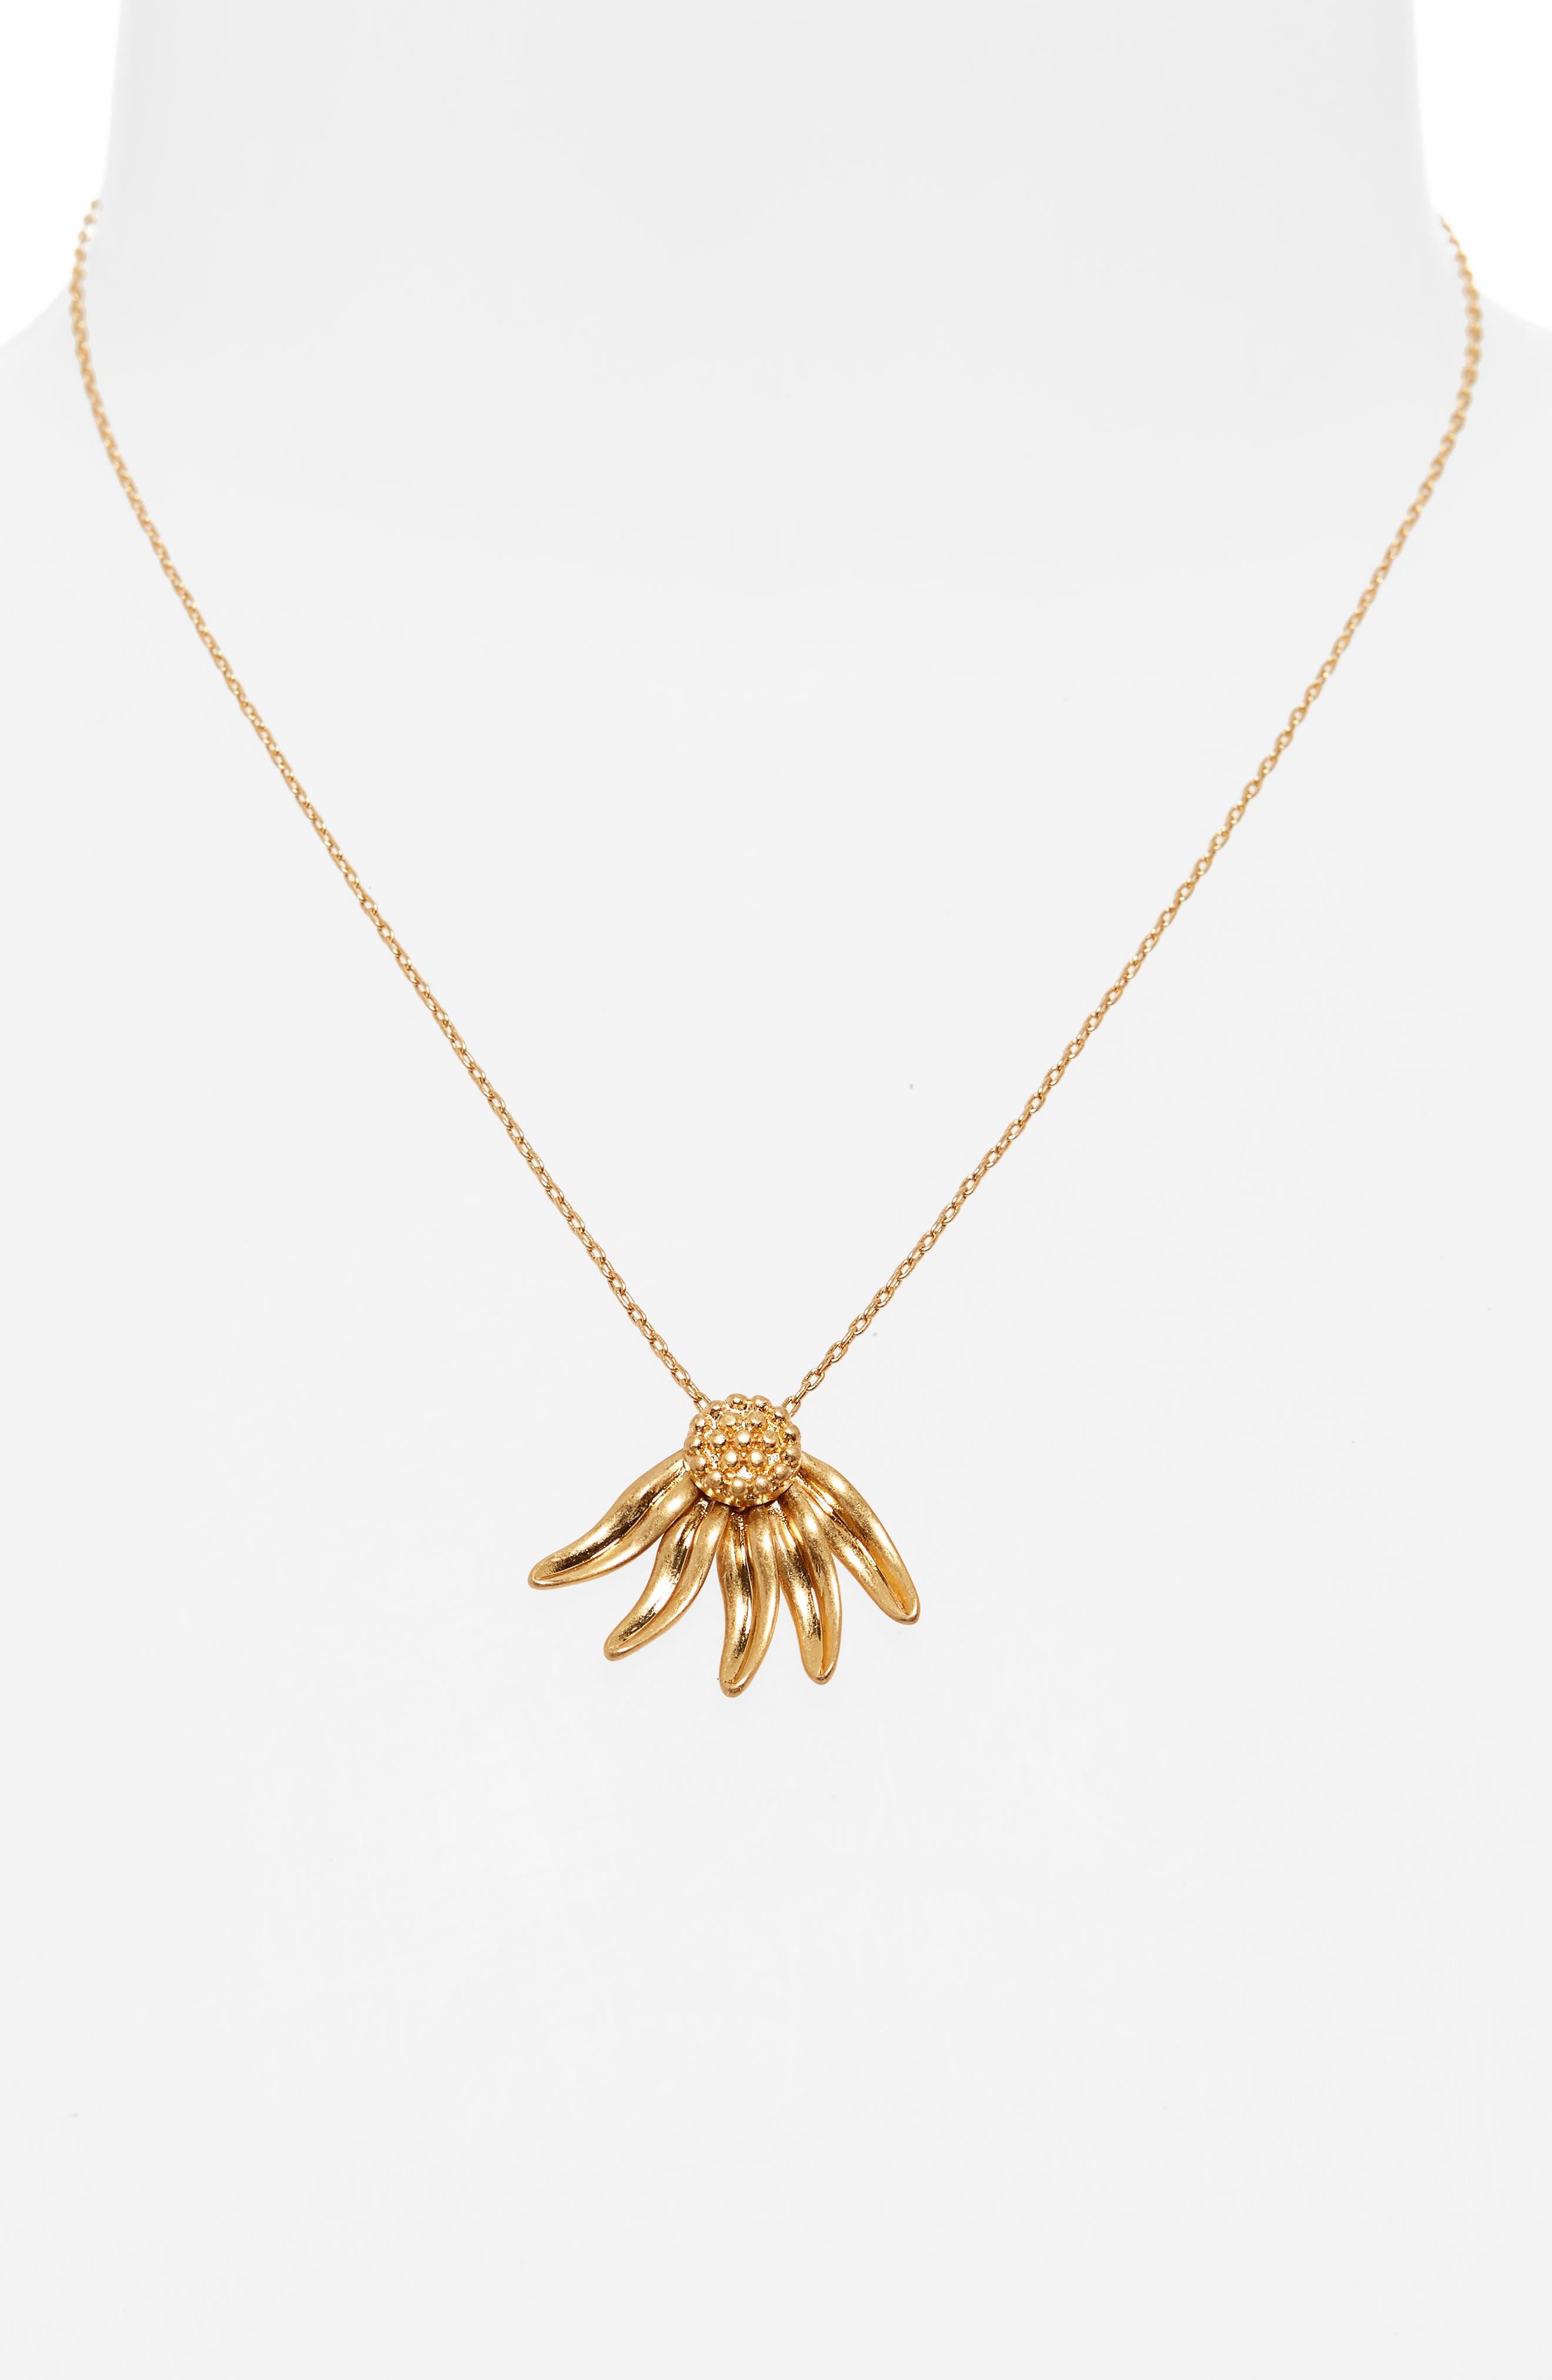 Fallen Petals Necklace,                             Alternate thumbnail 2, color,                             VINTAGE GOLD